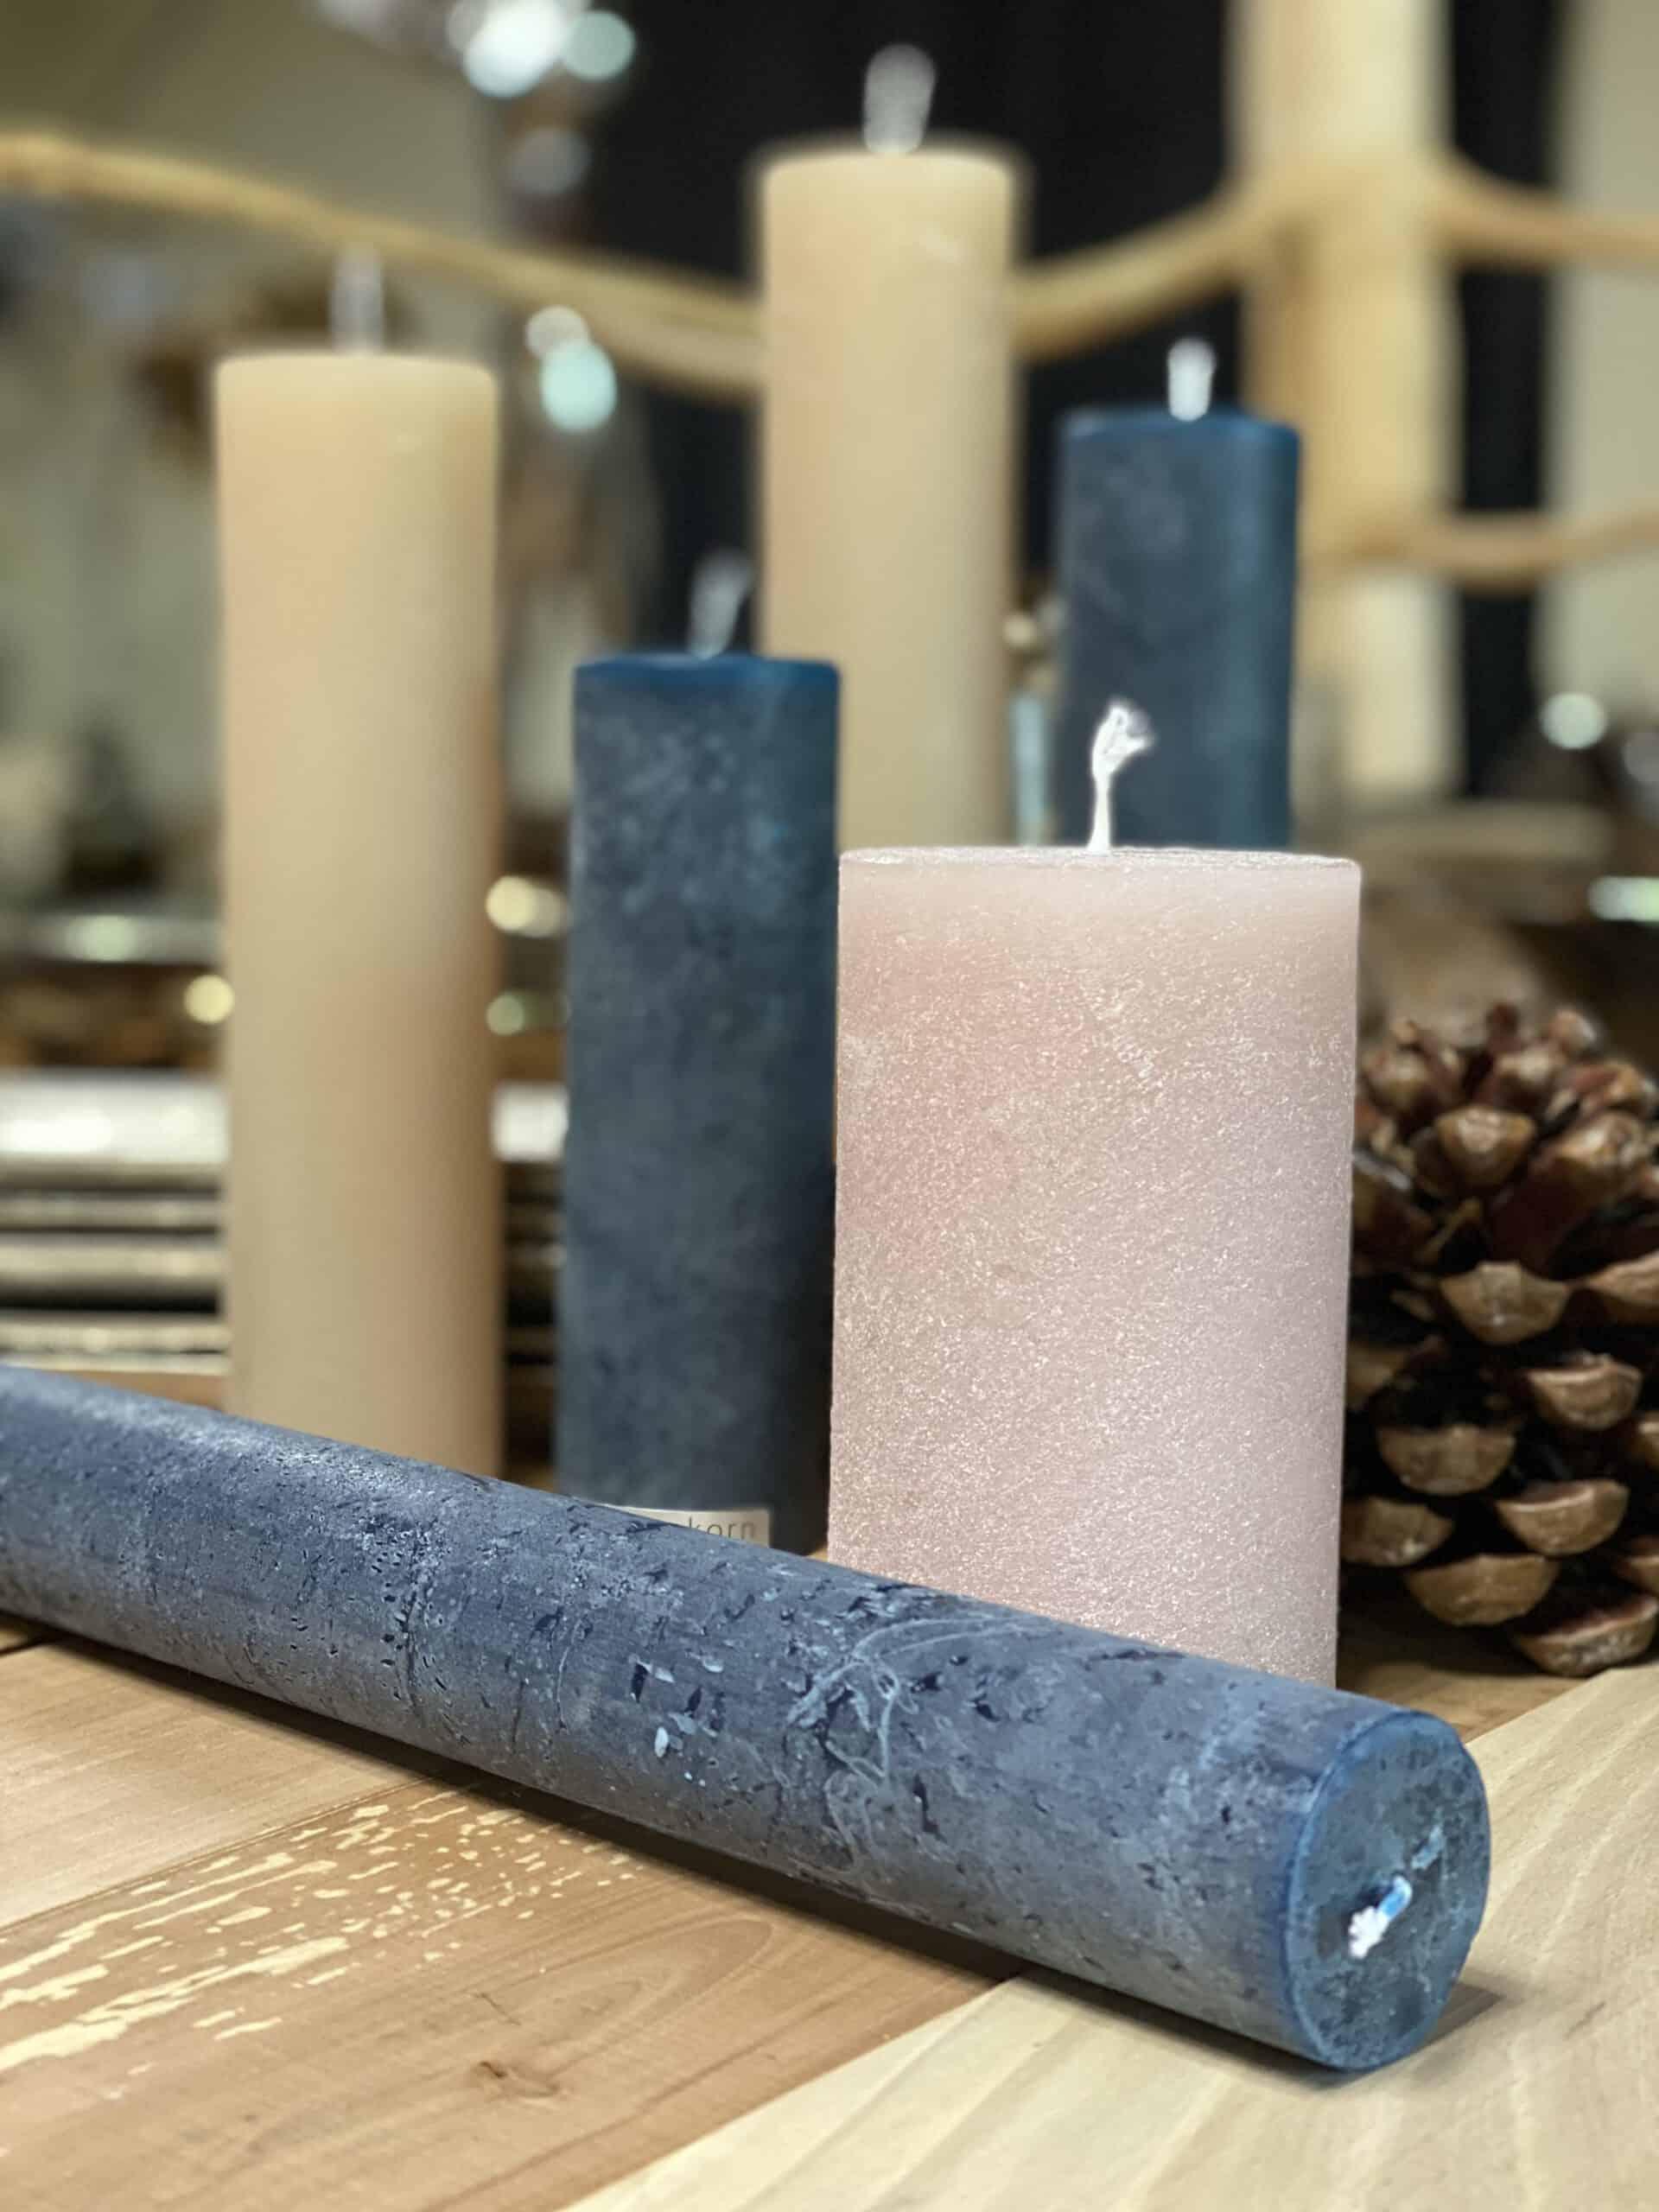 Weihnachtsdeko 2021 Kerze für Adventkranz von Weizenkorn Kerze in Farbe petrol (54003) nuss (53974) , zuckerwatte (61451) aus der Schweiz